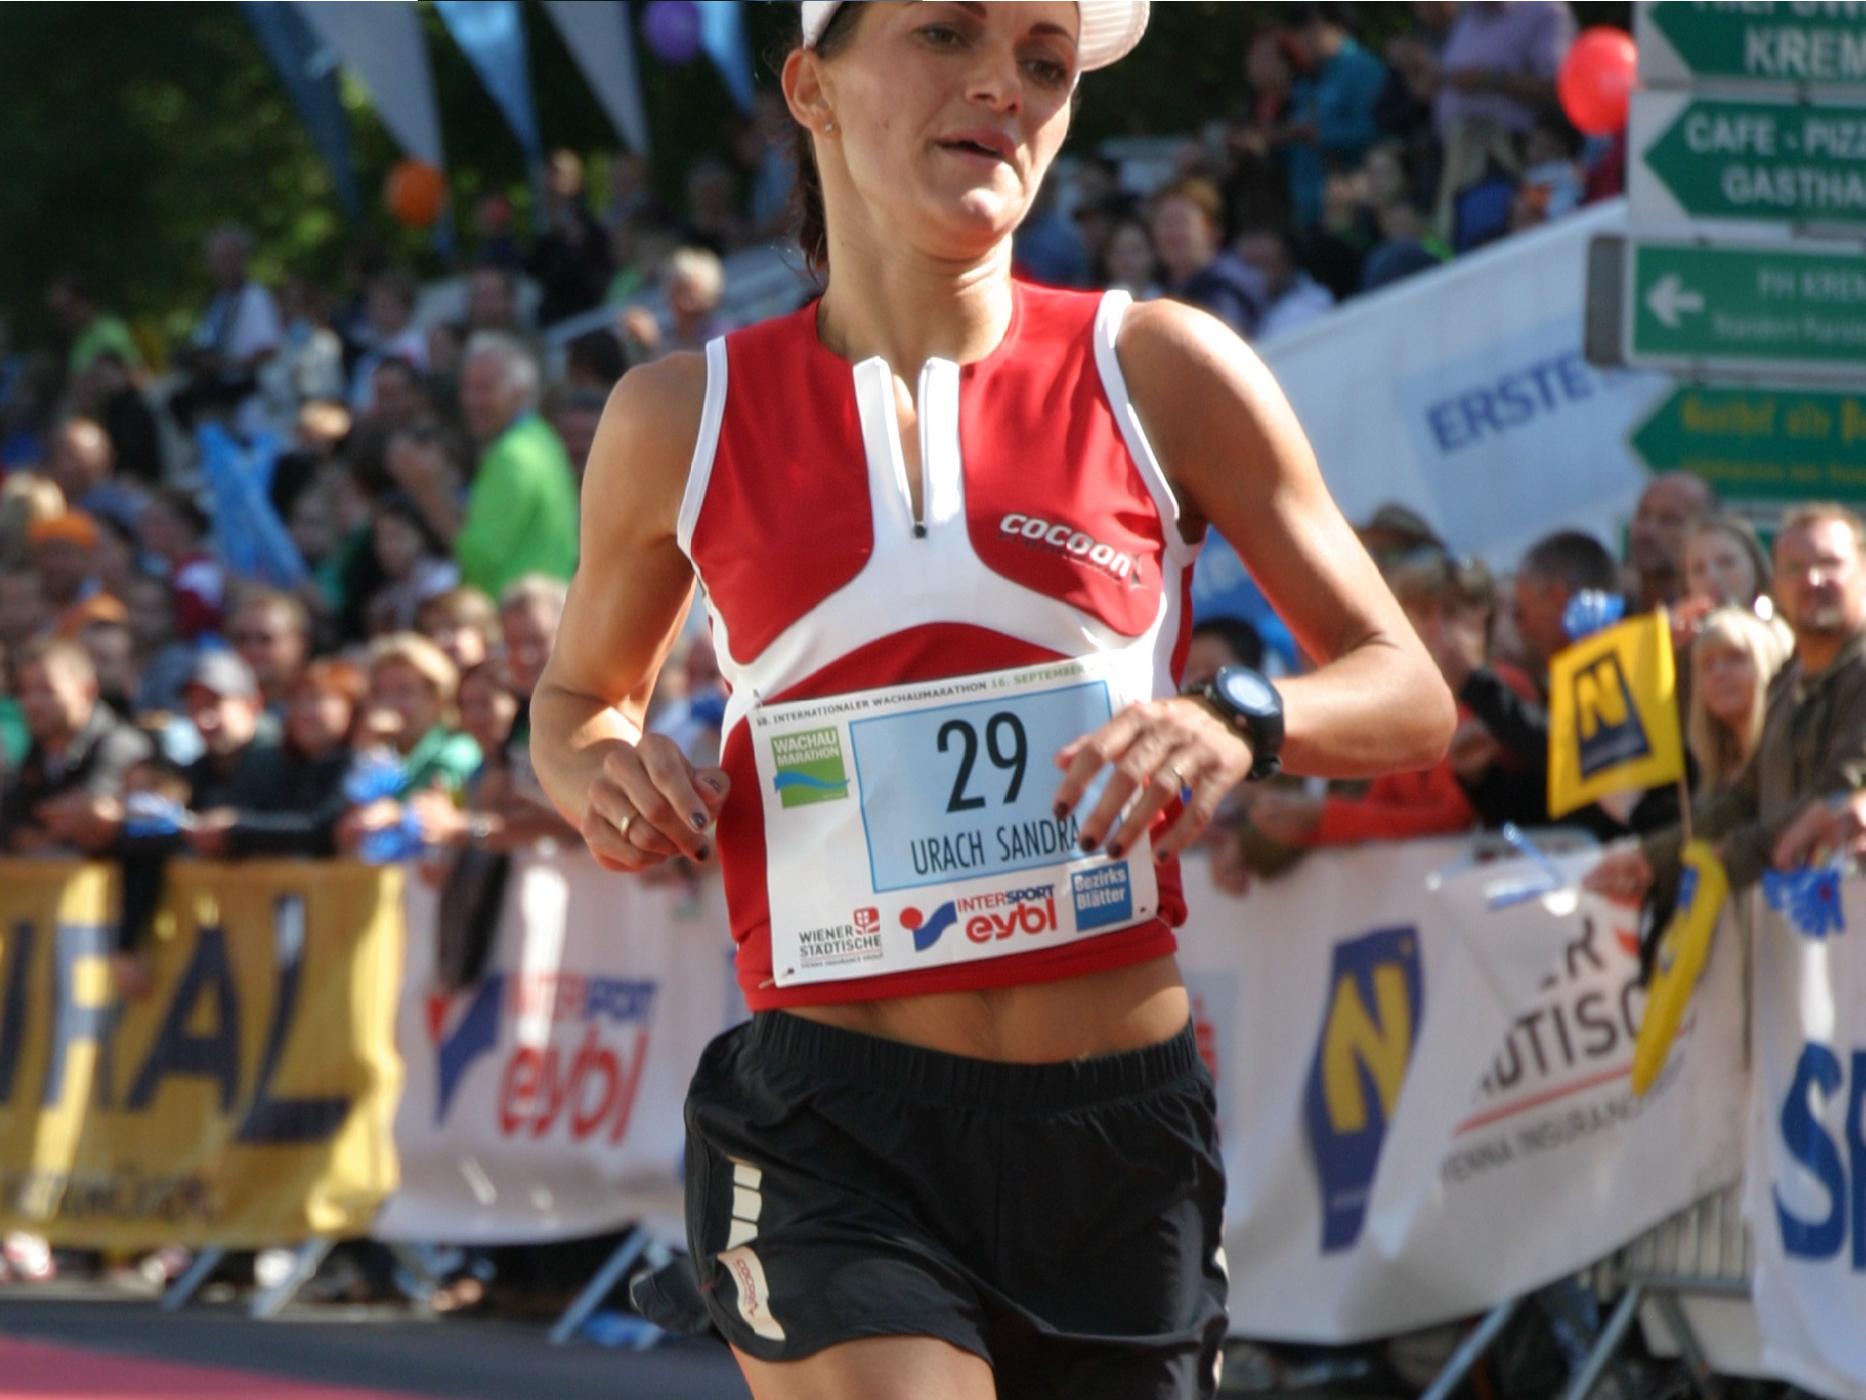 Nur um vier Sekunden verpasste die Andelsbucherin Sandra Urach ihren bestehenden Rekord.